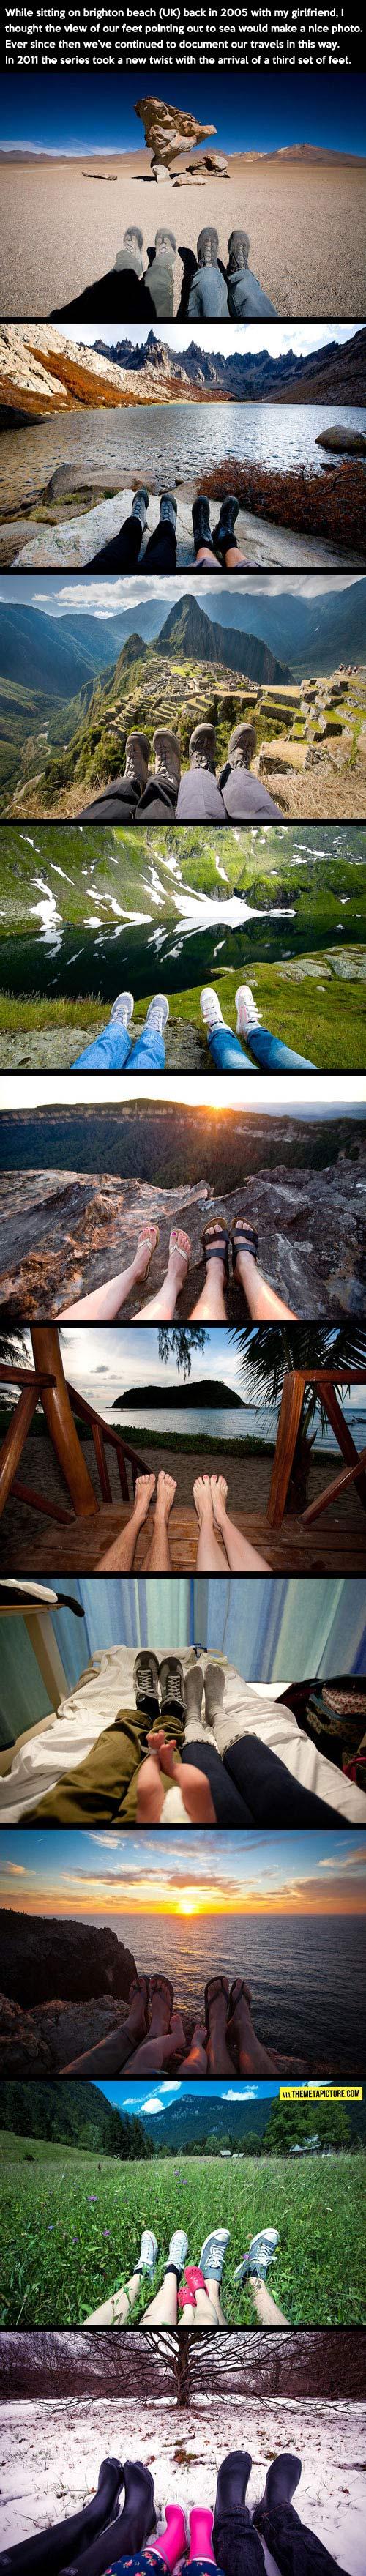 Traveling around the world…